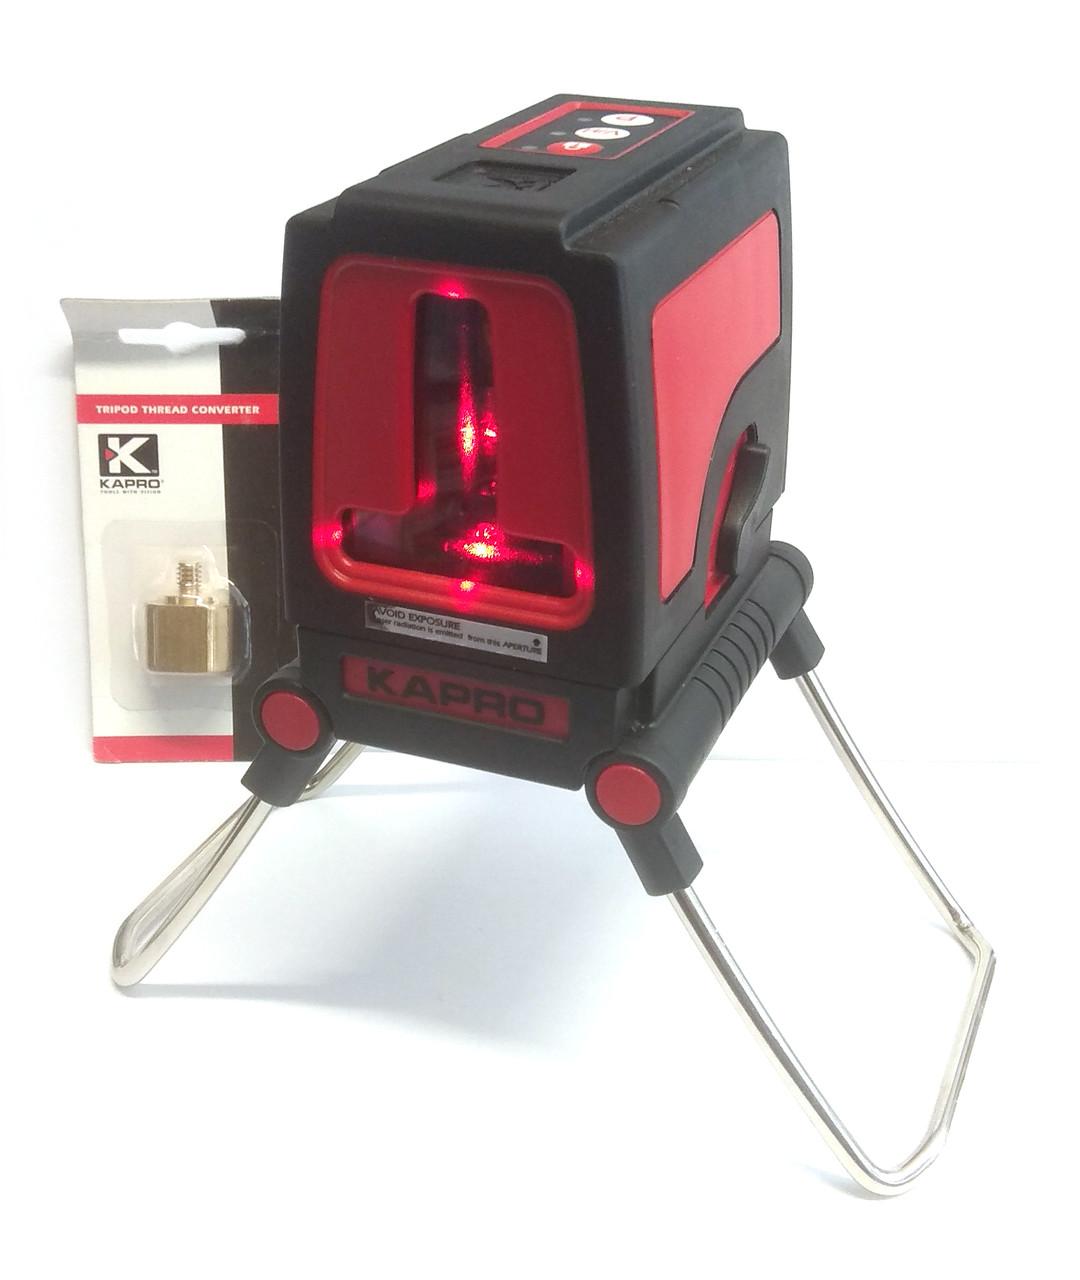 Лазерний уровень Kapro 872. В комплекте нейлоновый чехол, а также фирменный адаптер-переходник.